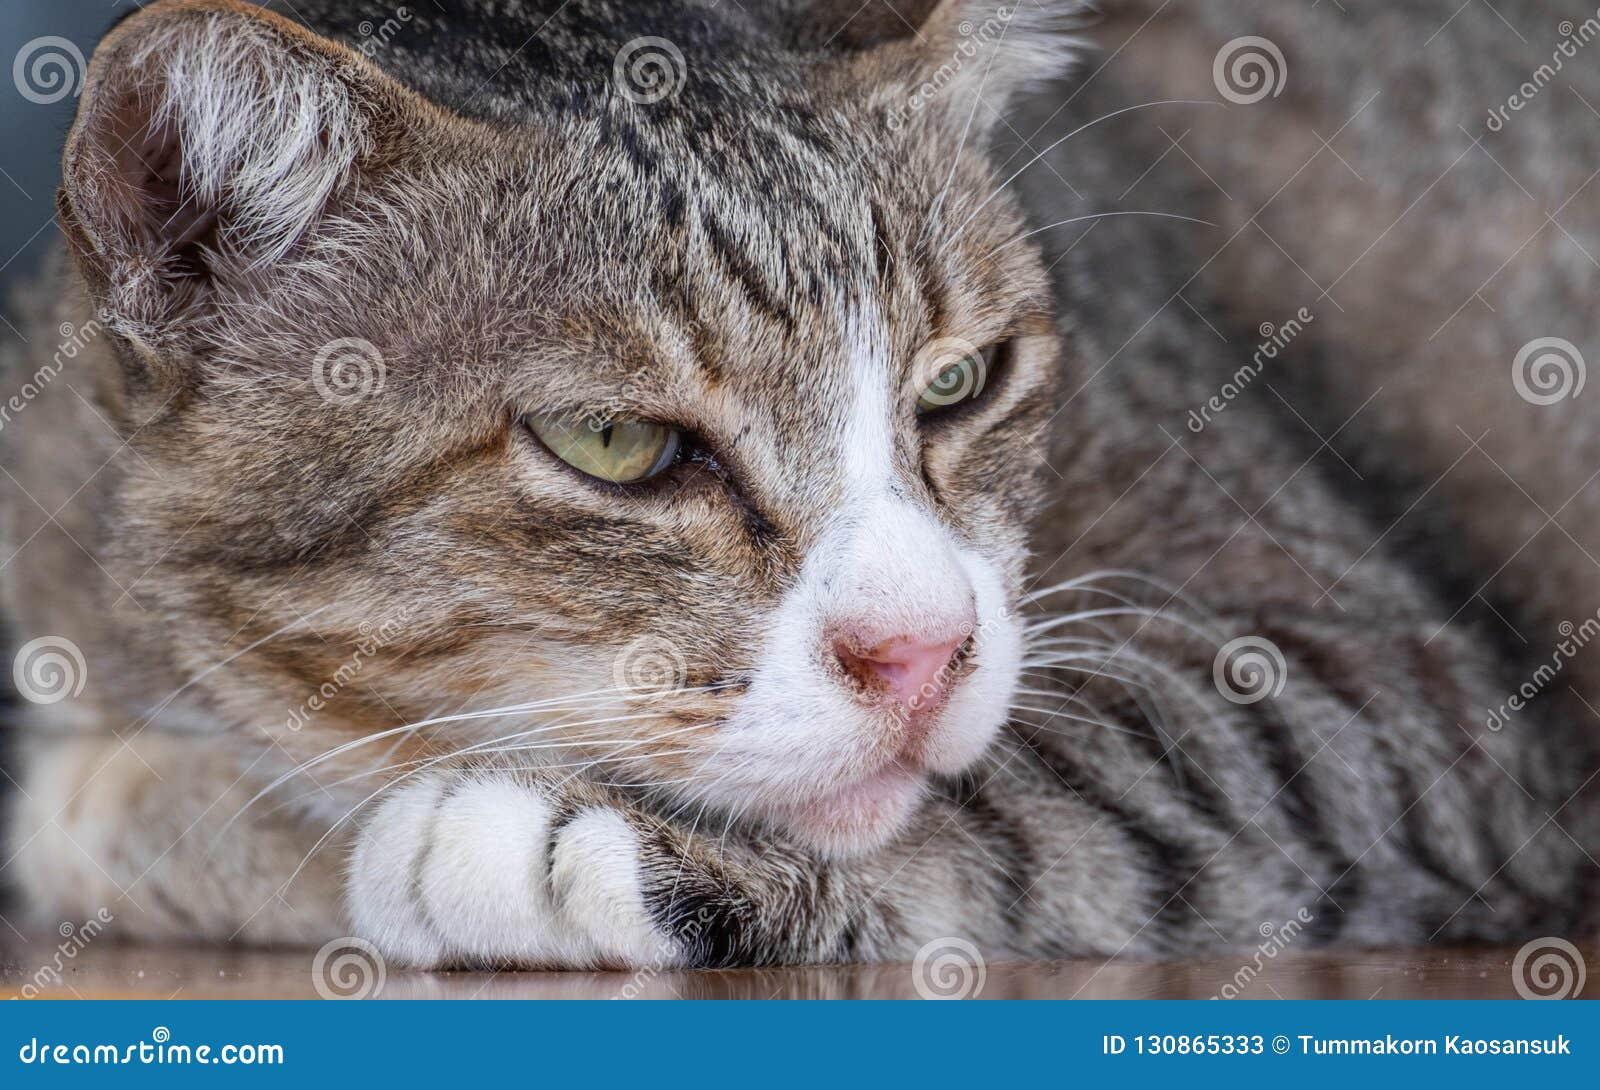 猫是逗人喜爱的宠物并且喜欢是接近所有者 但是猫的深刻的习性是坏的